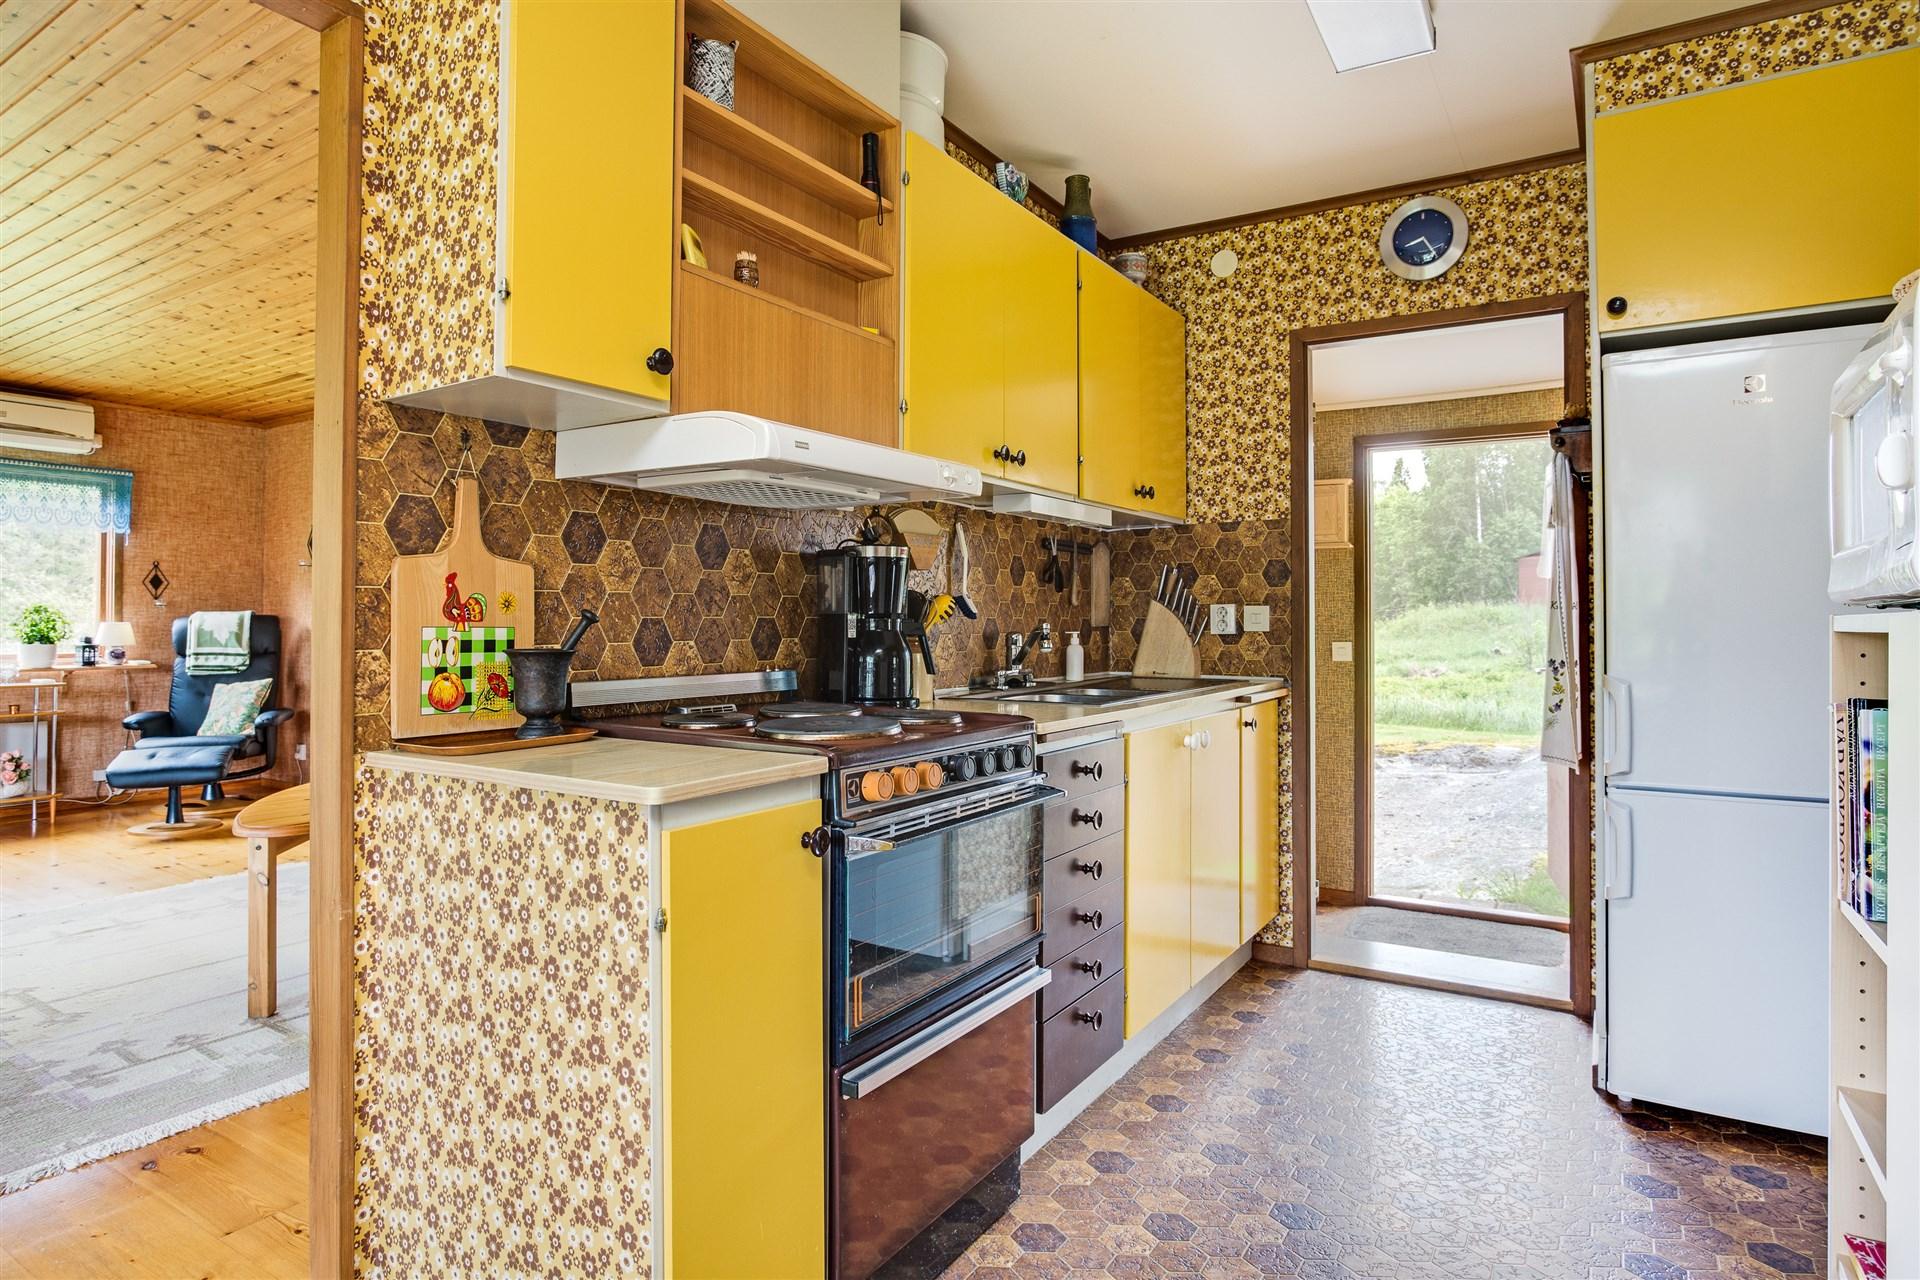 Direkt från hallen kommer man in i köket. Köket har det solgula orginalköket kvar. Blandad ålder på vitvarorna.